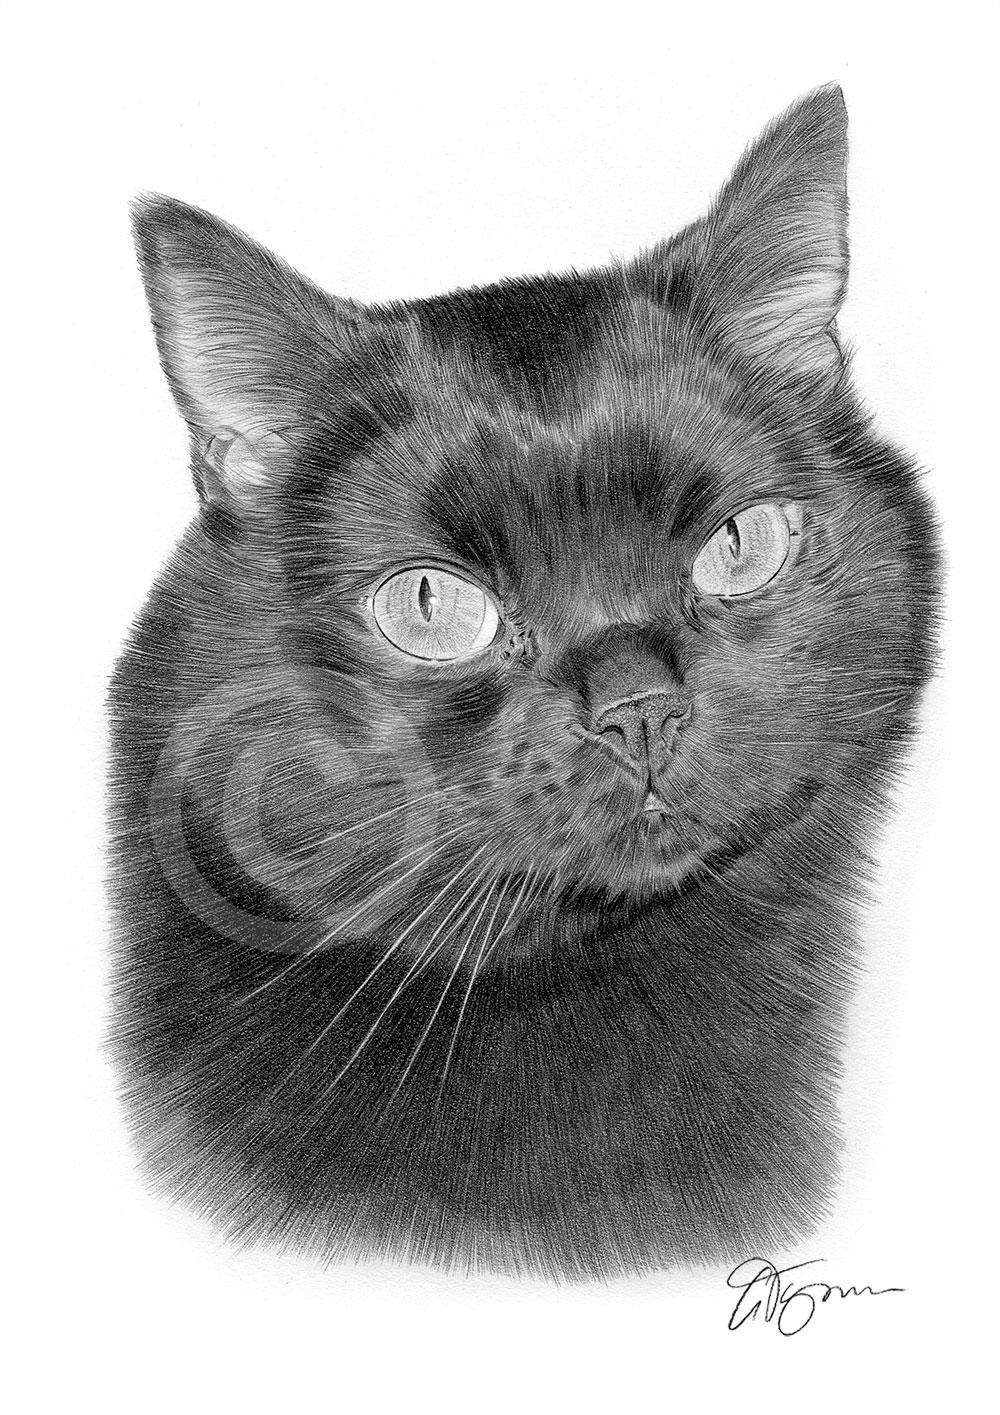 Details about black cat art pencil drawing print a4 a3 signed by artist pet portrait